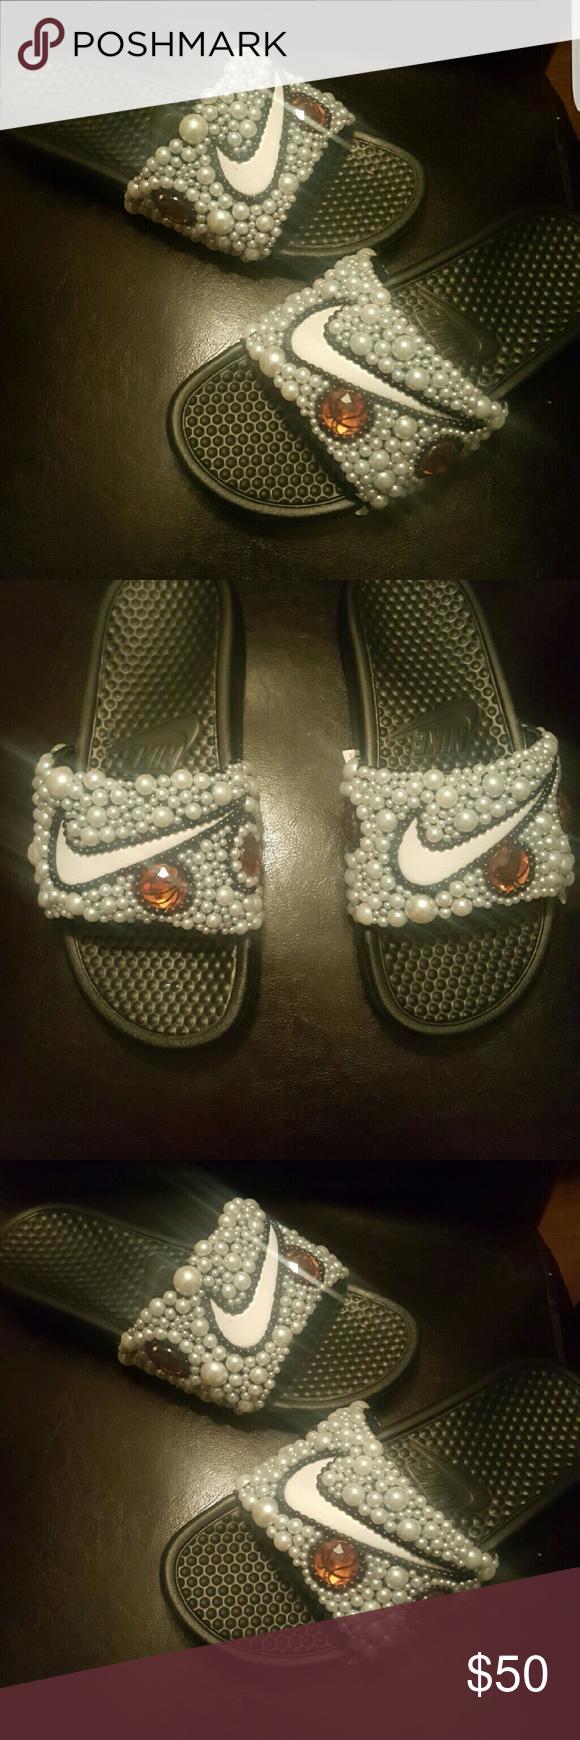 9b6f2ec8d6fb9f Blinged out Nike Slides Basketball slides Shoes Sandals Bling Sandals